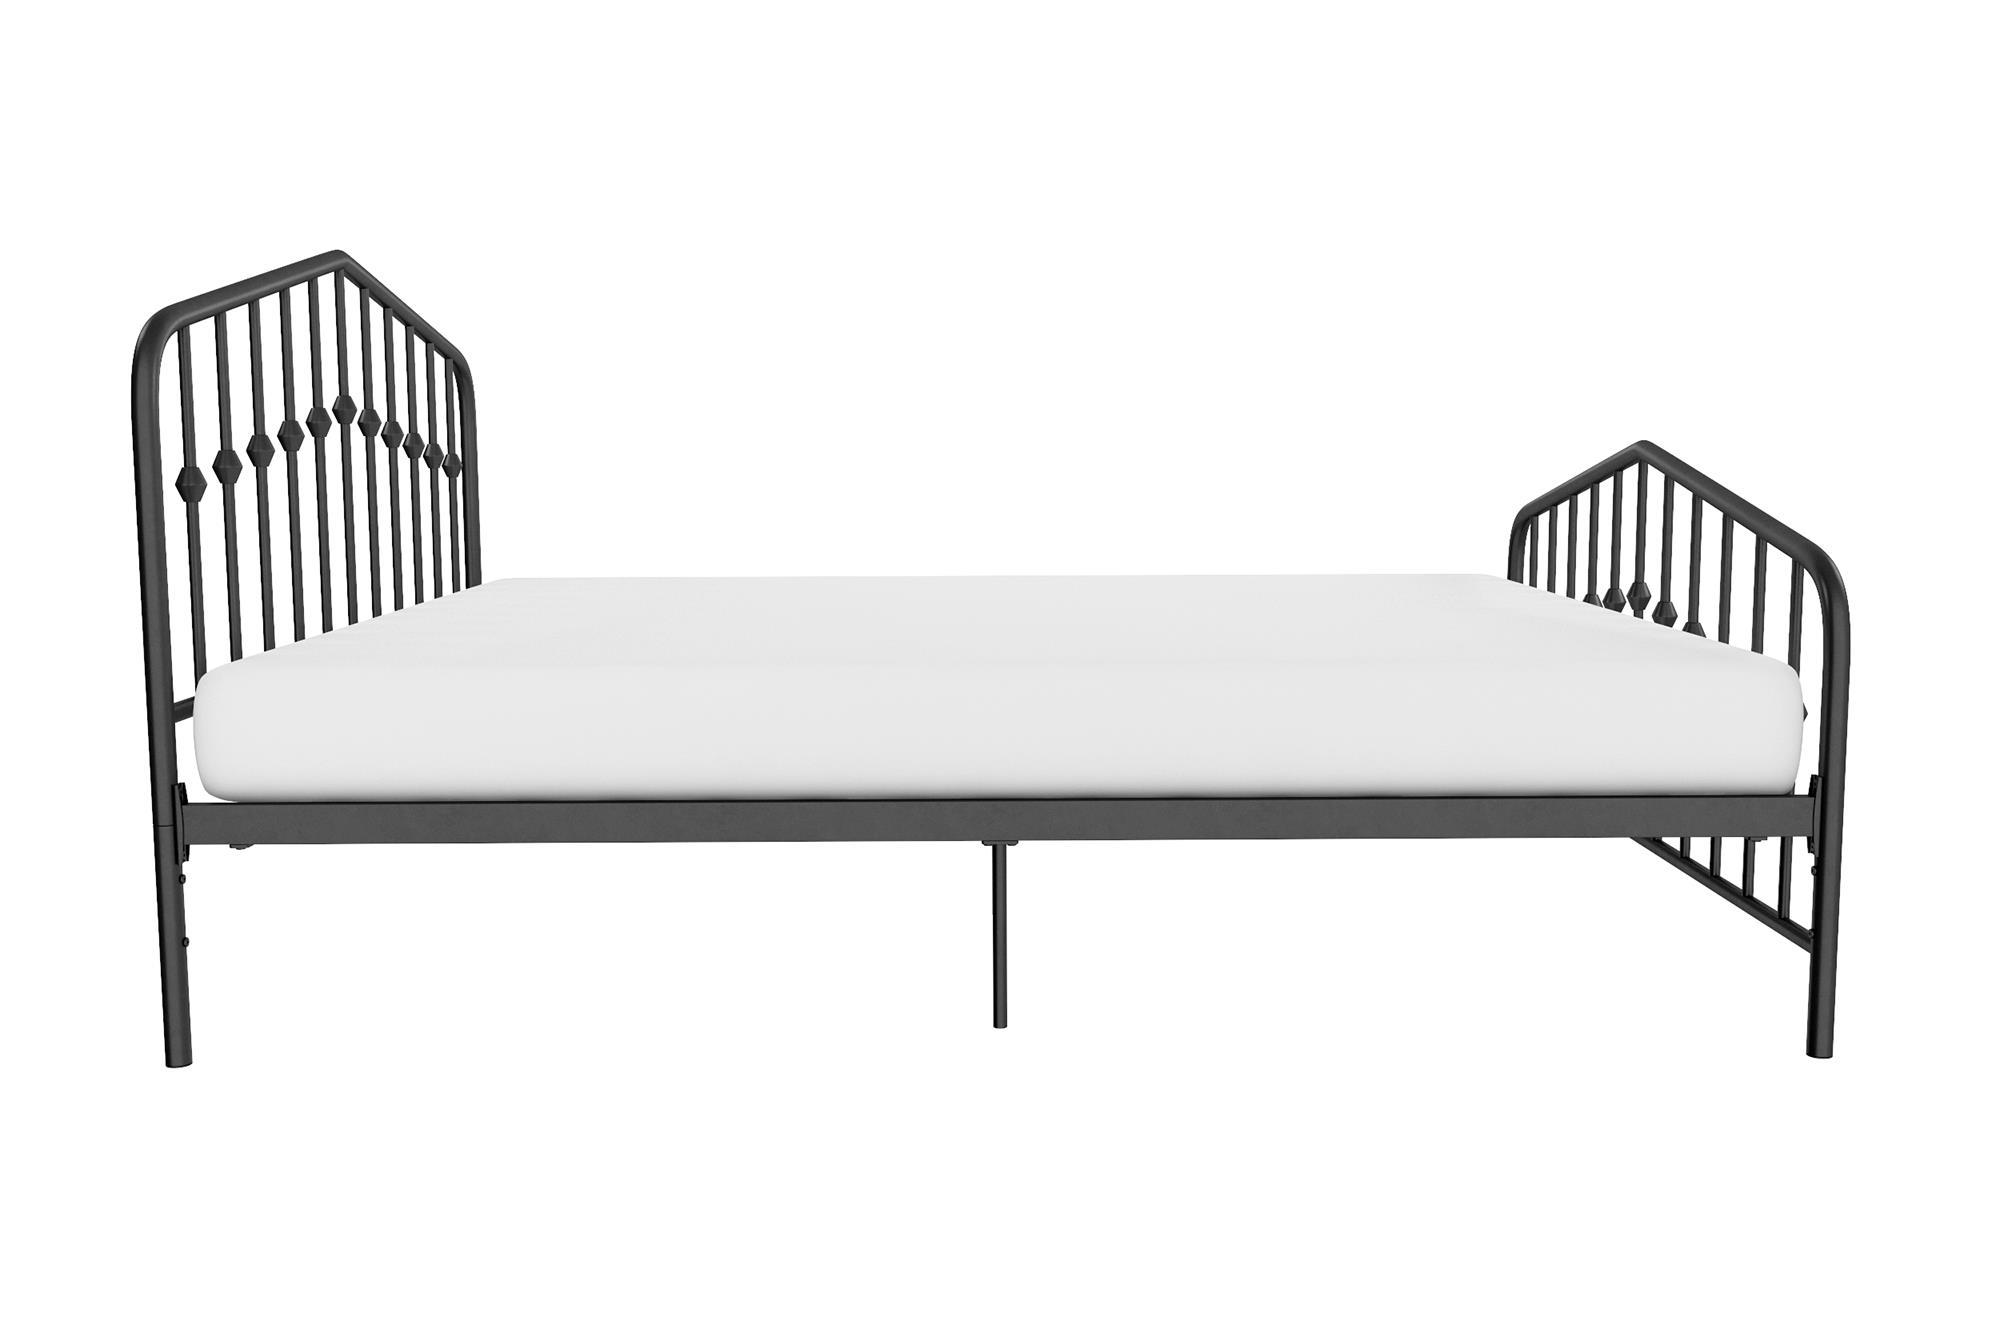 Novogratz Bushwick Metal Bed Multiple Options Available Walmart Com Walmart Com